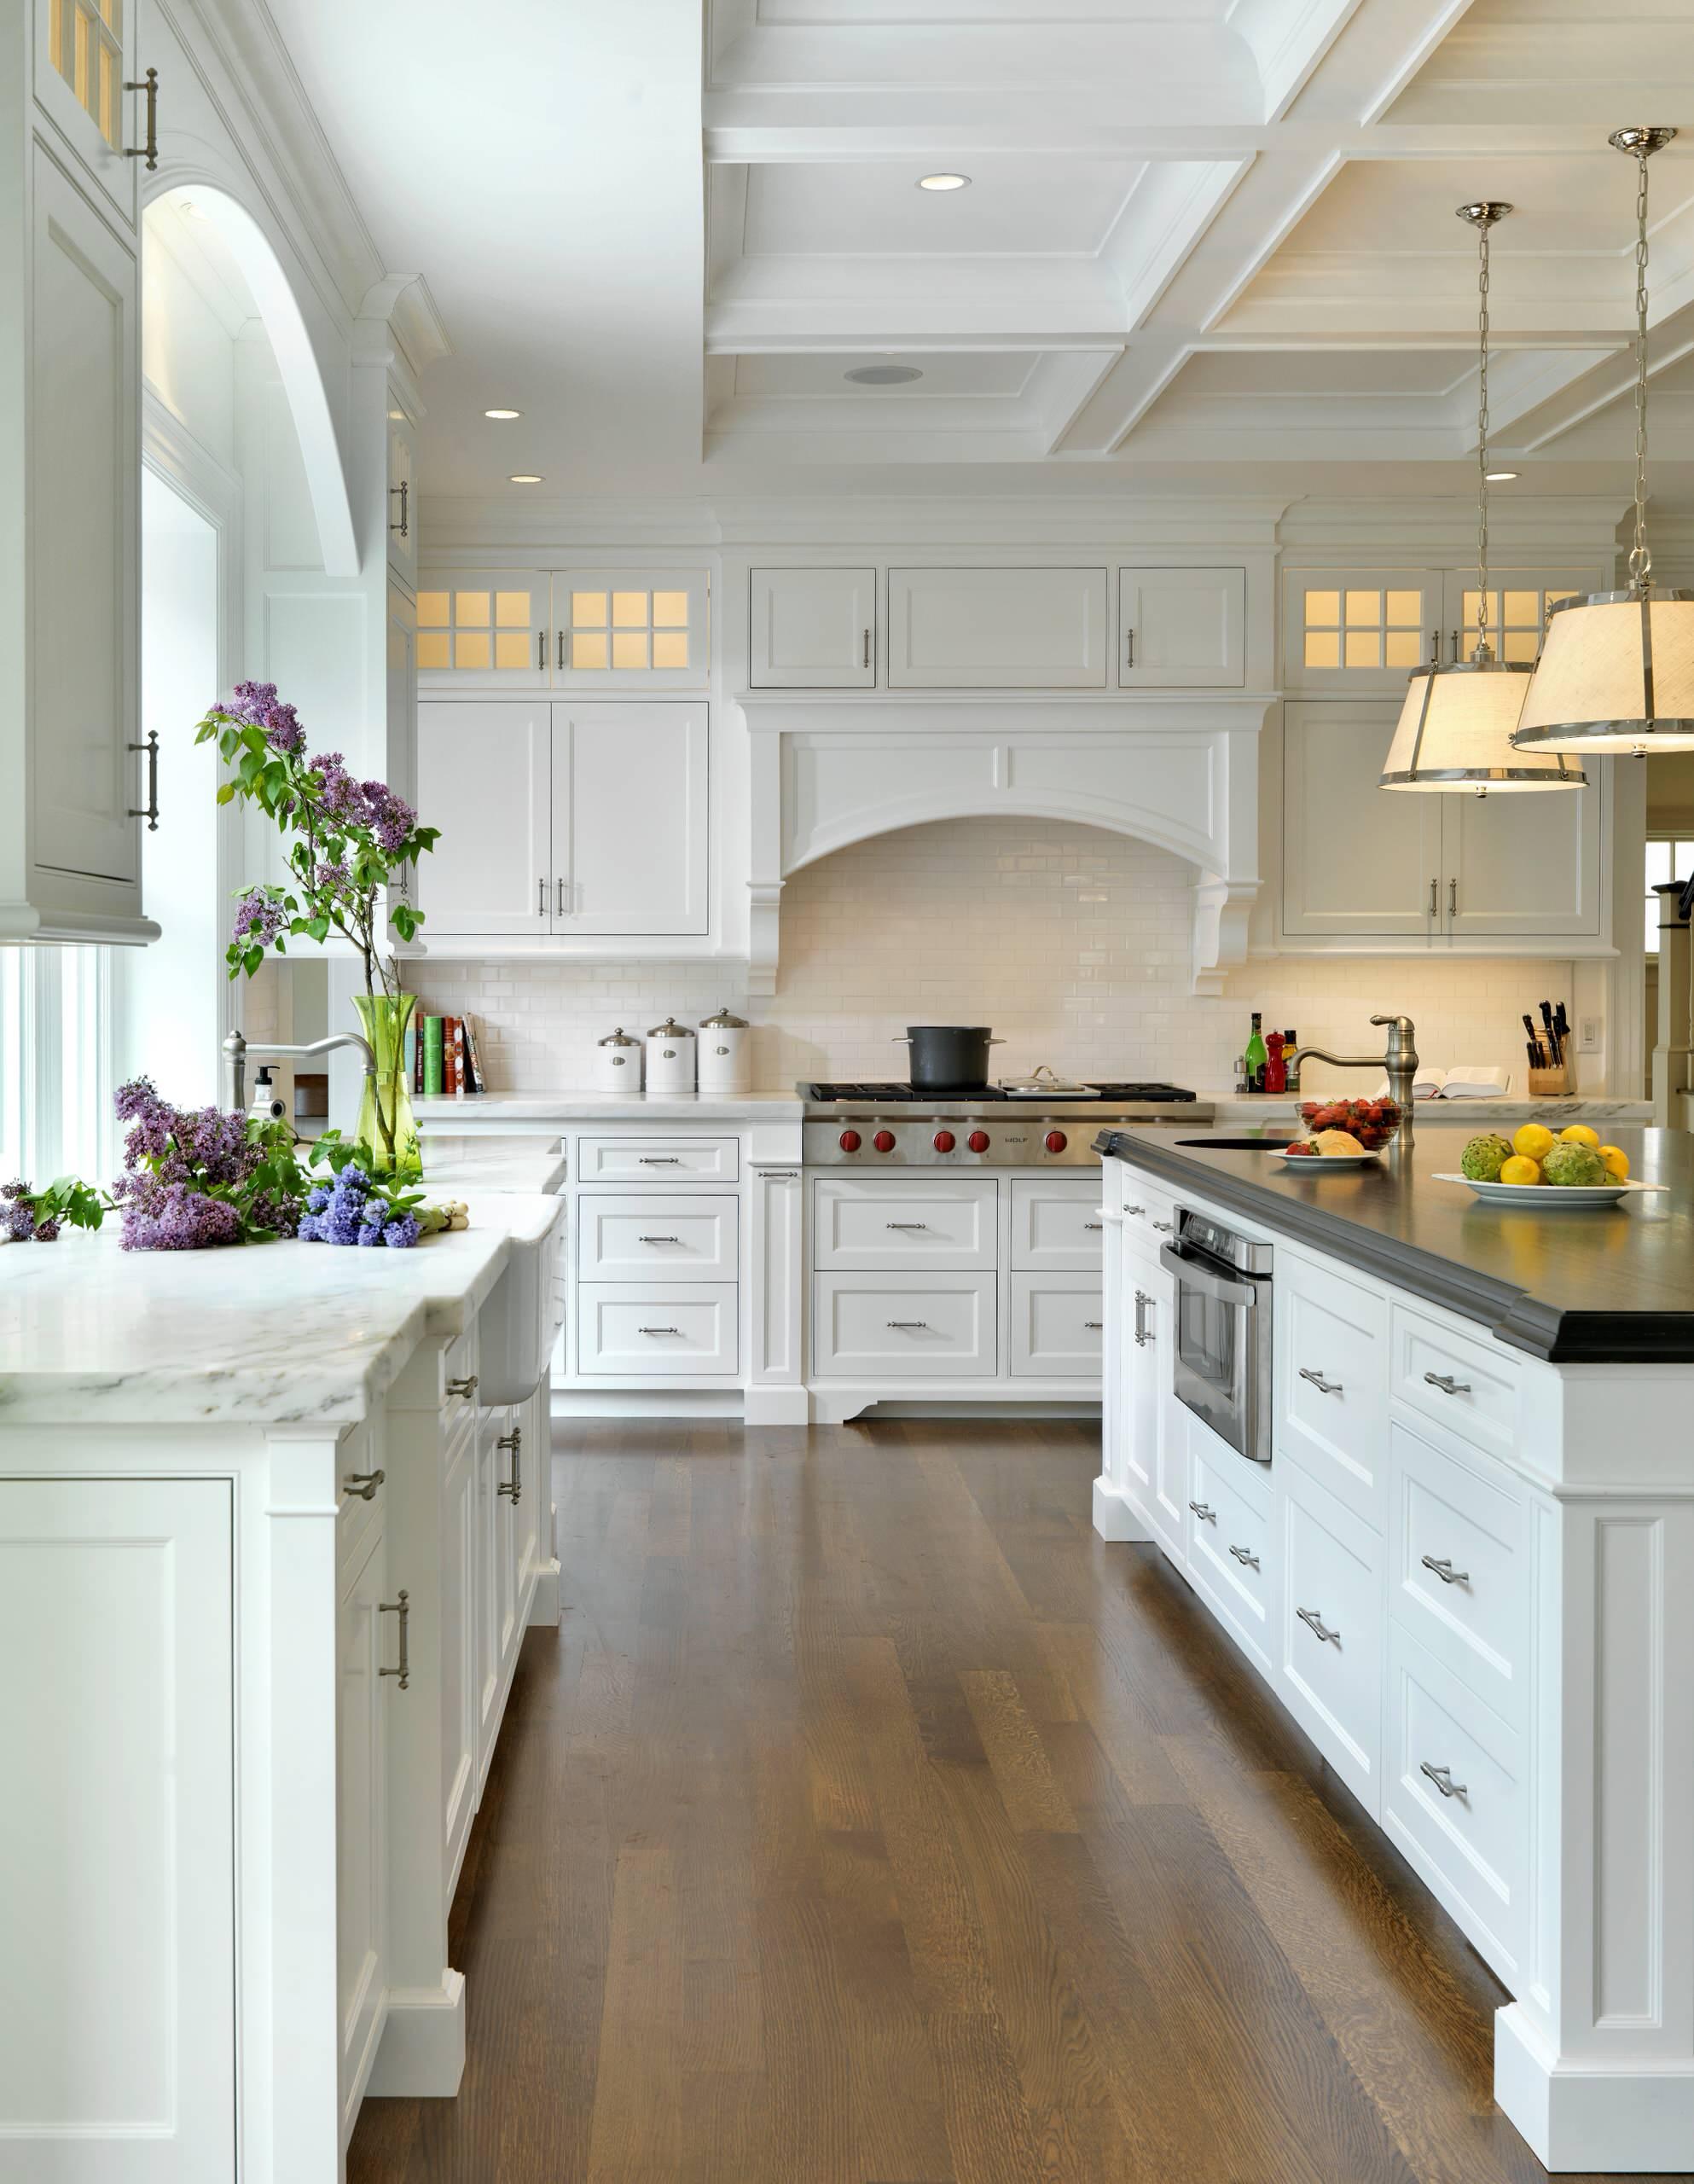 White Kitchen Cabinet Wood Floor Ideas & Photos   Houzz